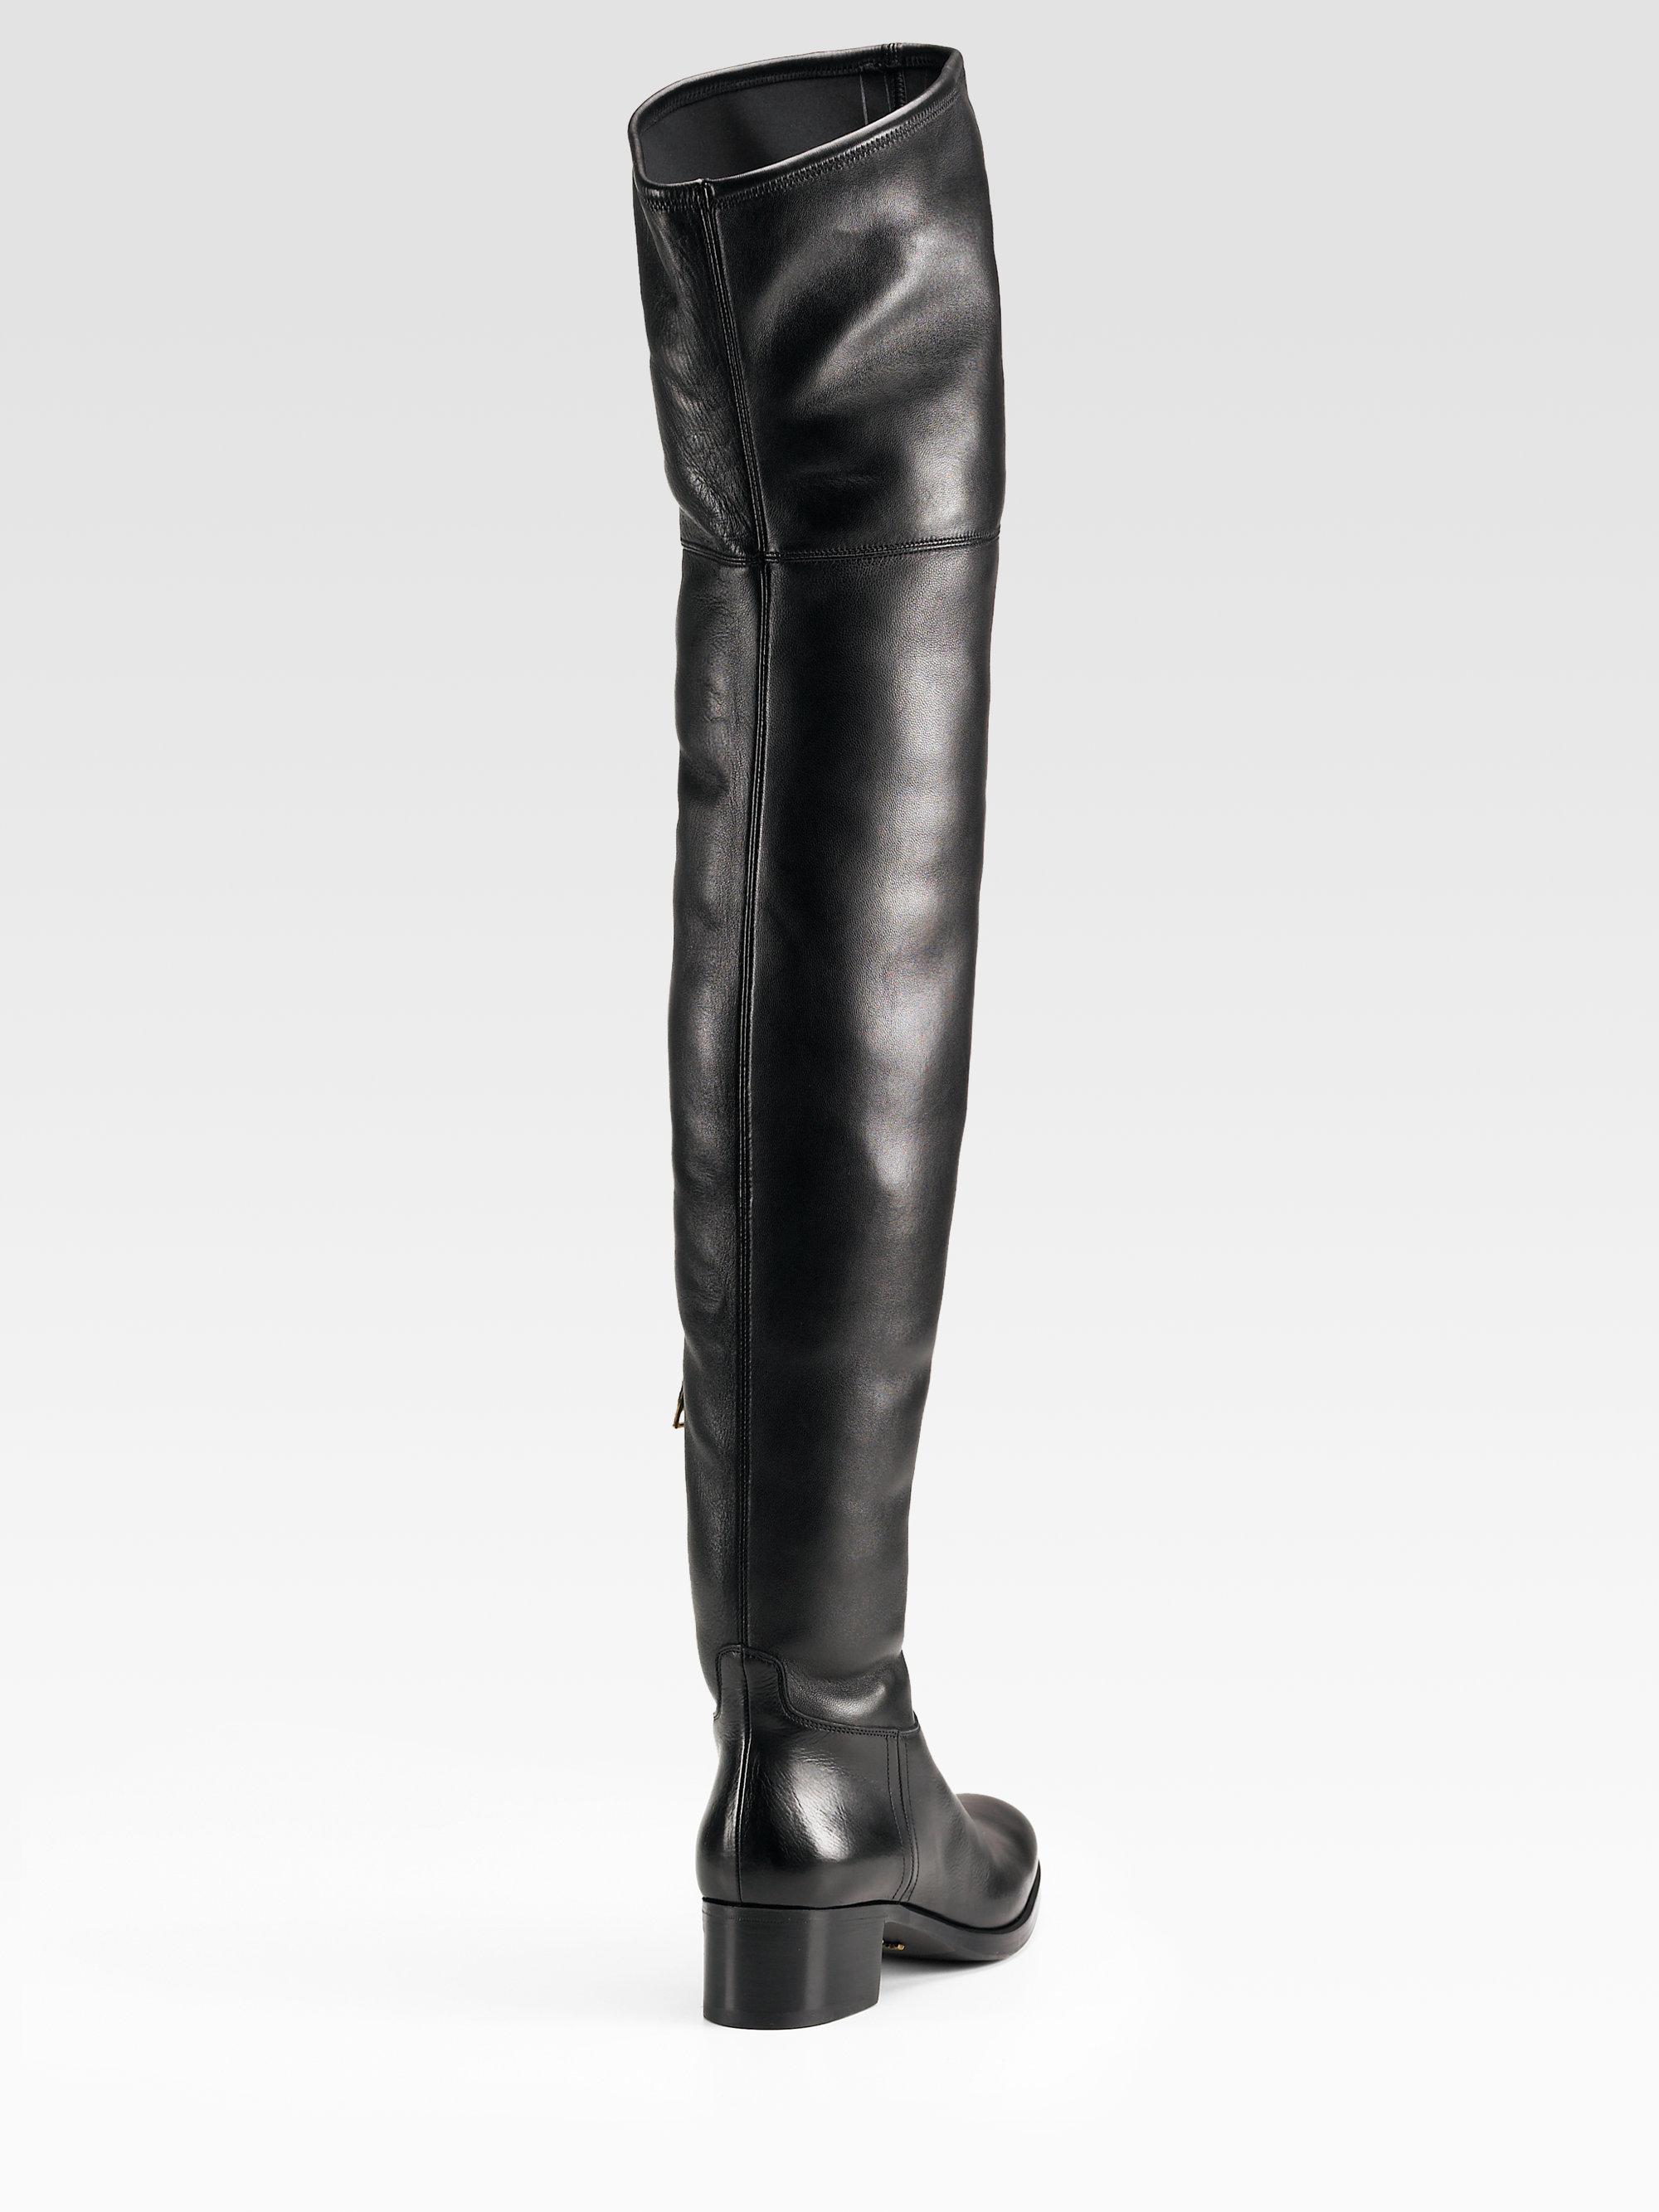 356222fe3 Prada Thigh High Boots in Black - Lyst